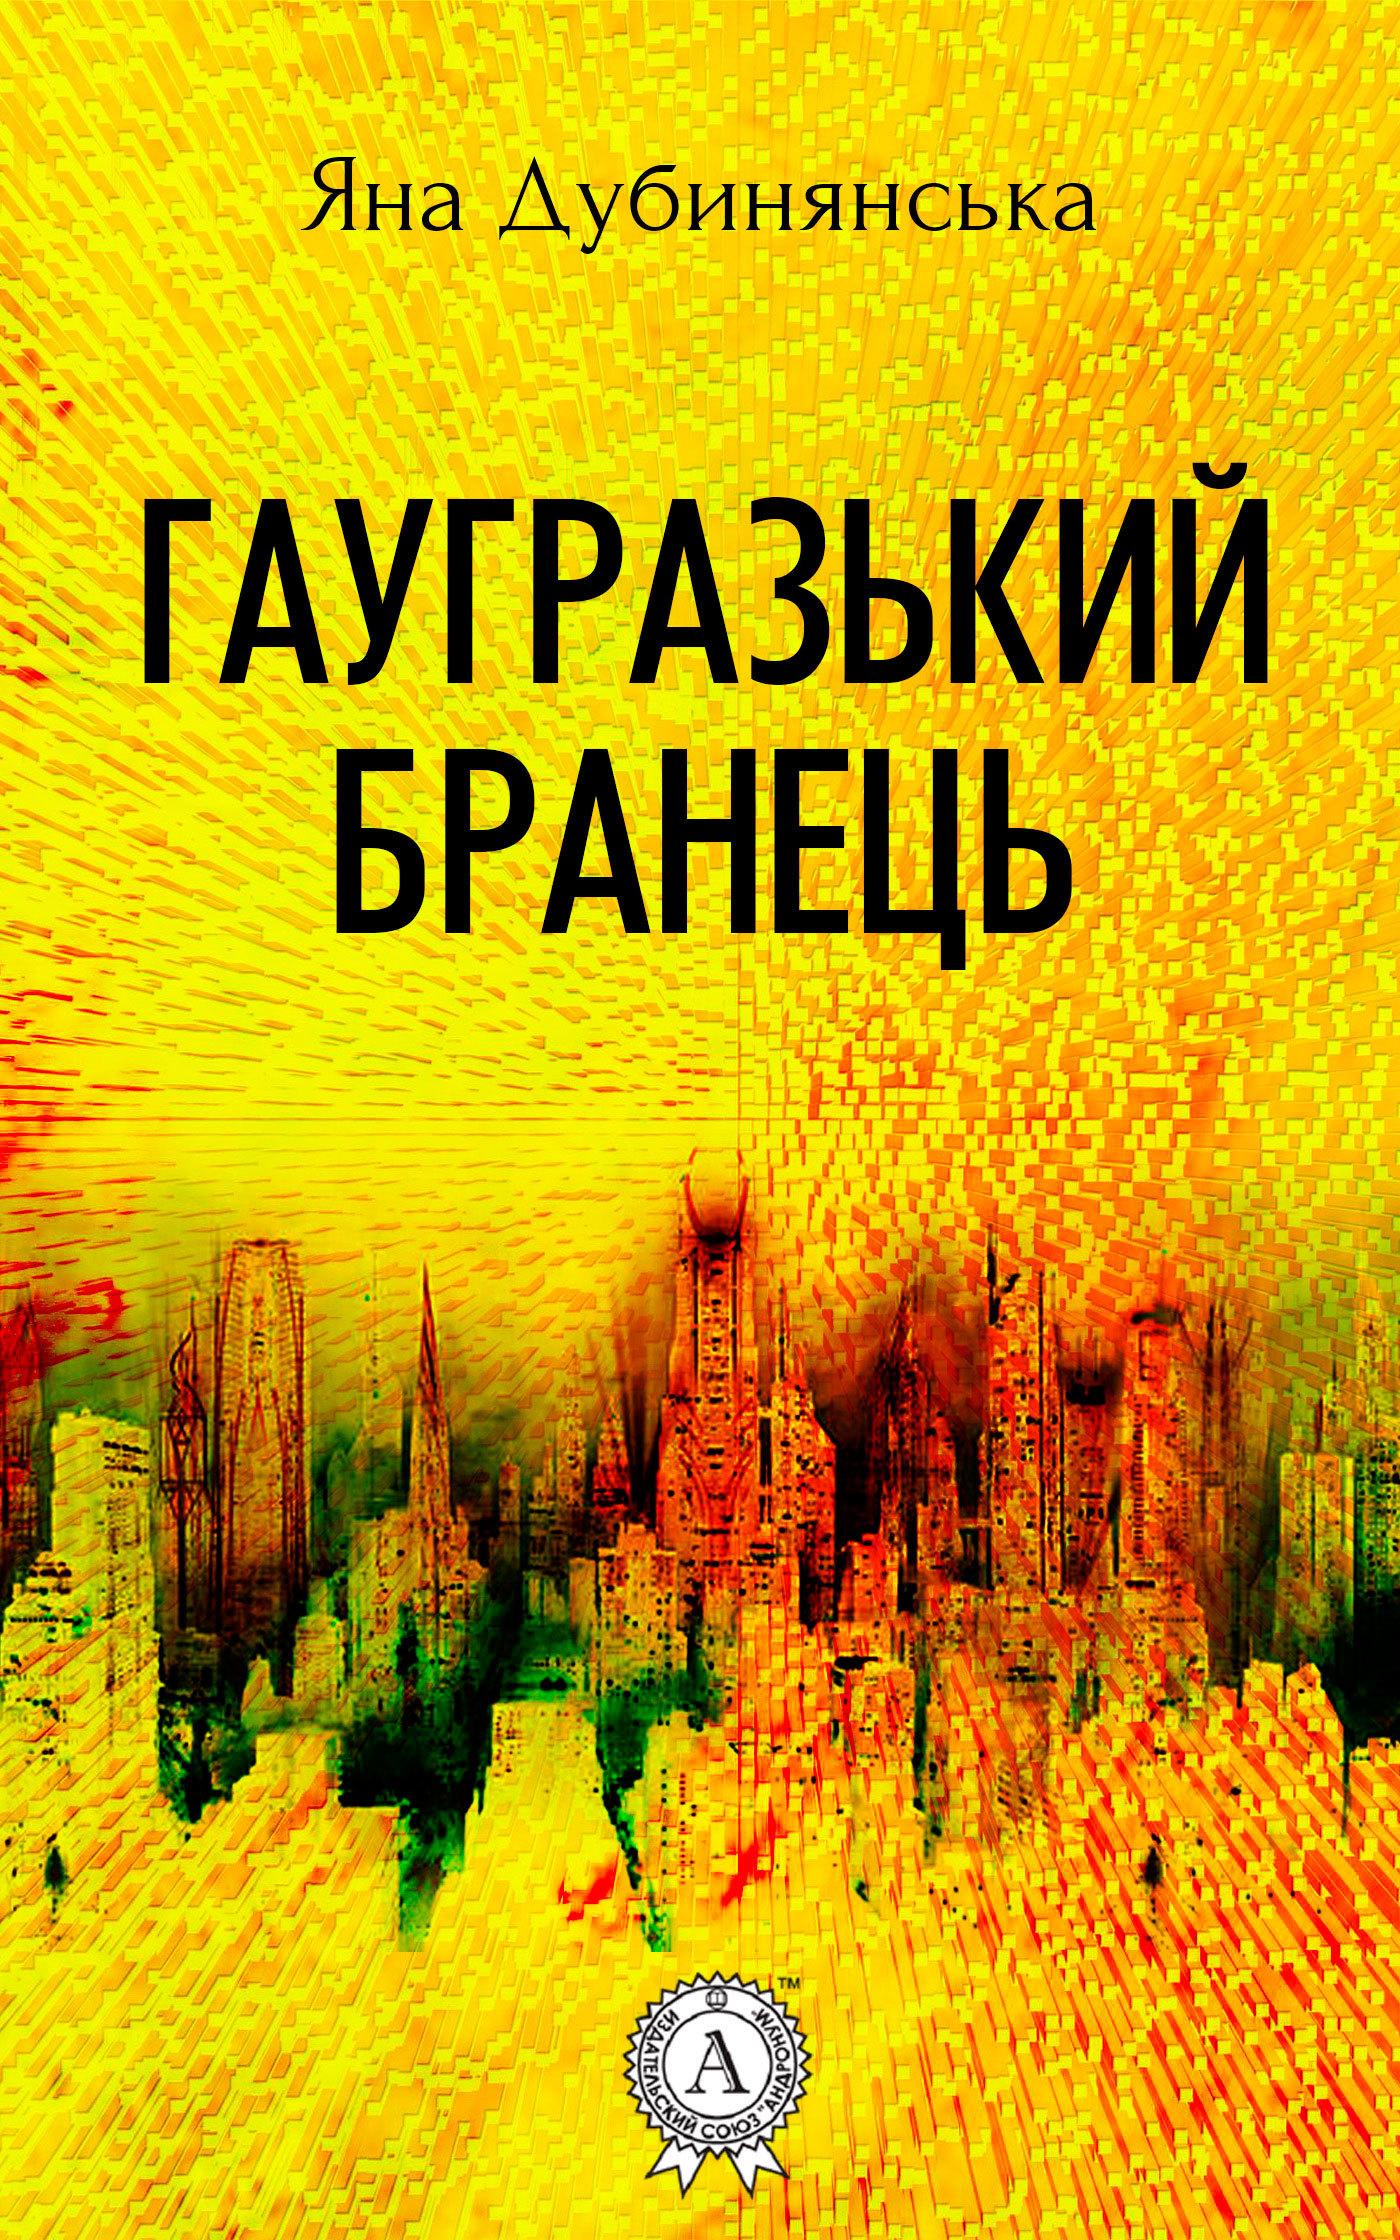 Яна Дубинянская Гаугразький бранець книгу о м бєлікова перлини україни єдина країна